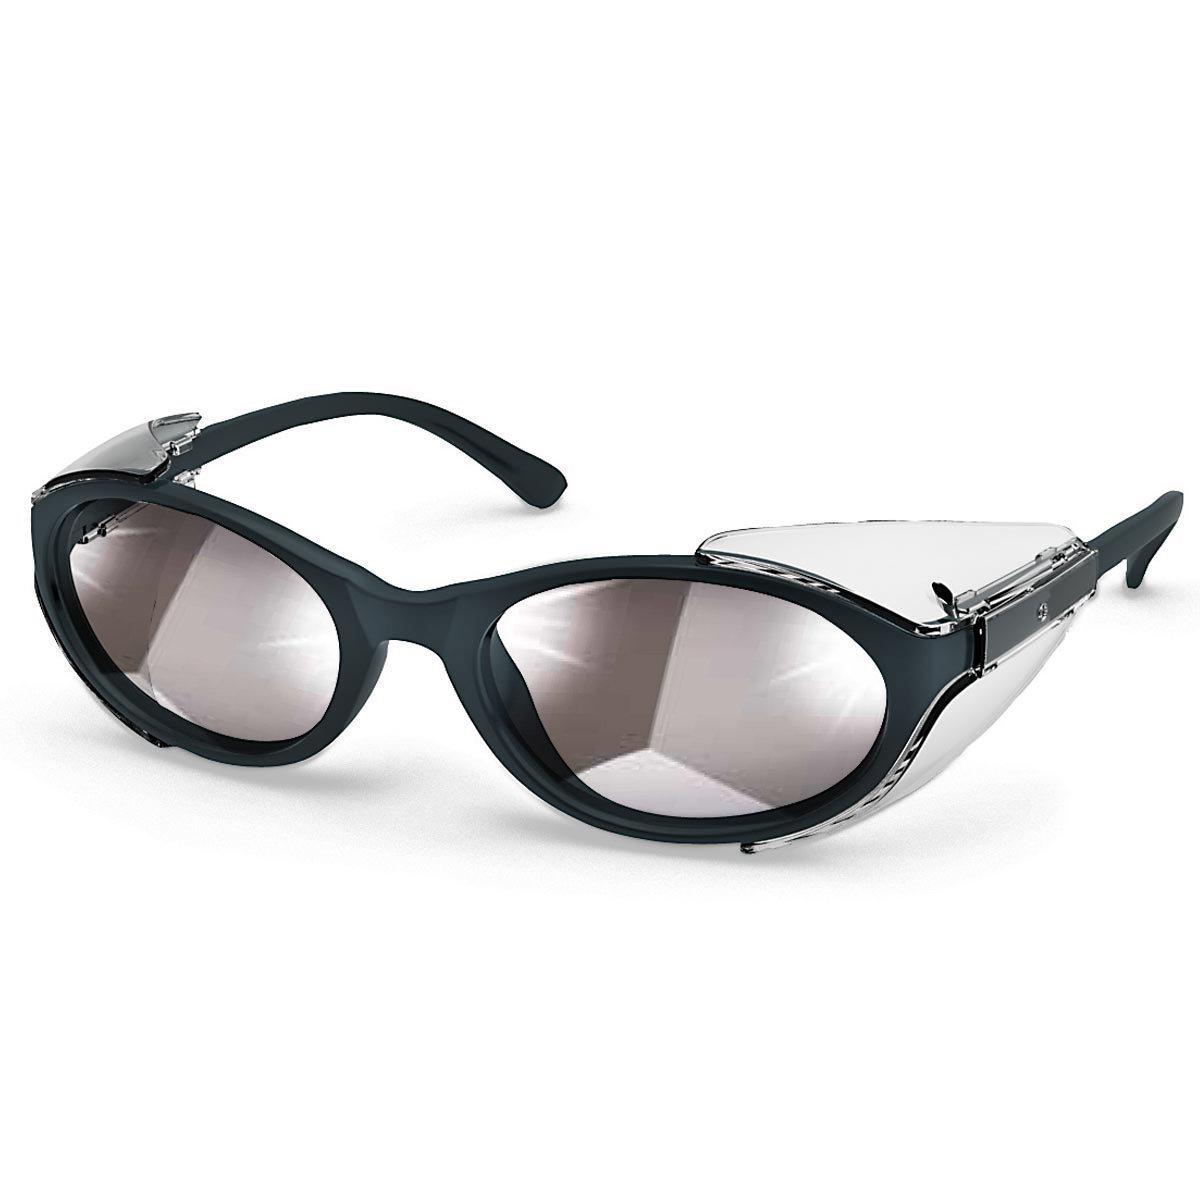 Uvex Korrektionsschutzbrille RX 5504 - Selbsttönend